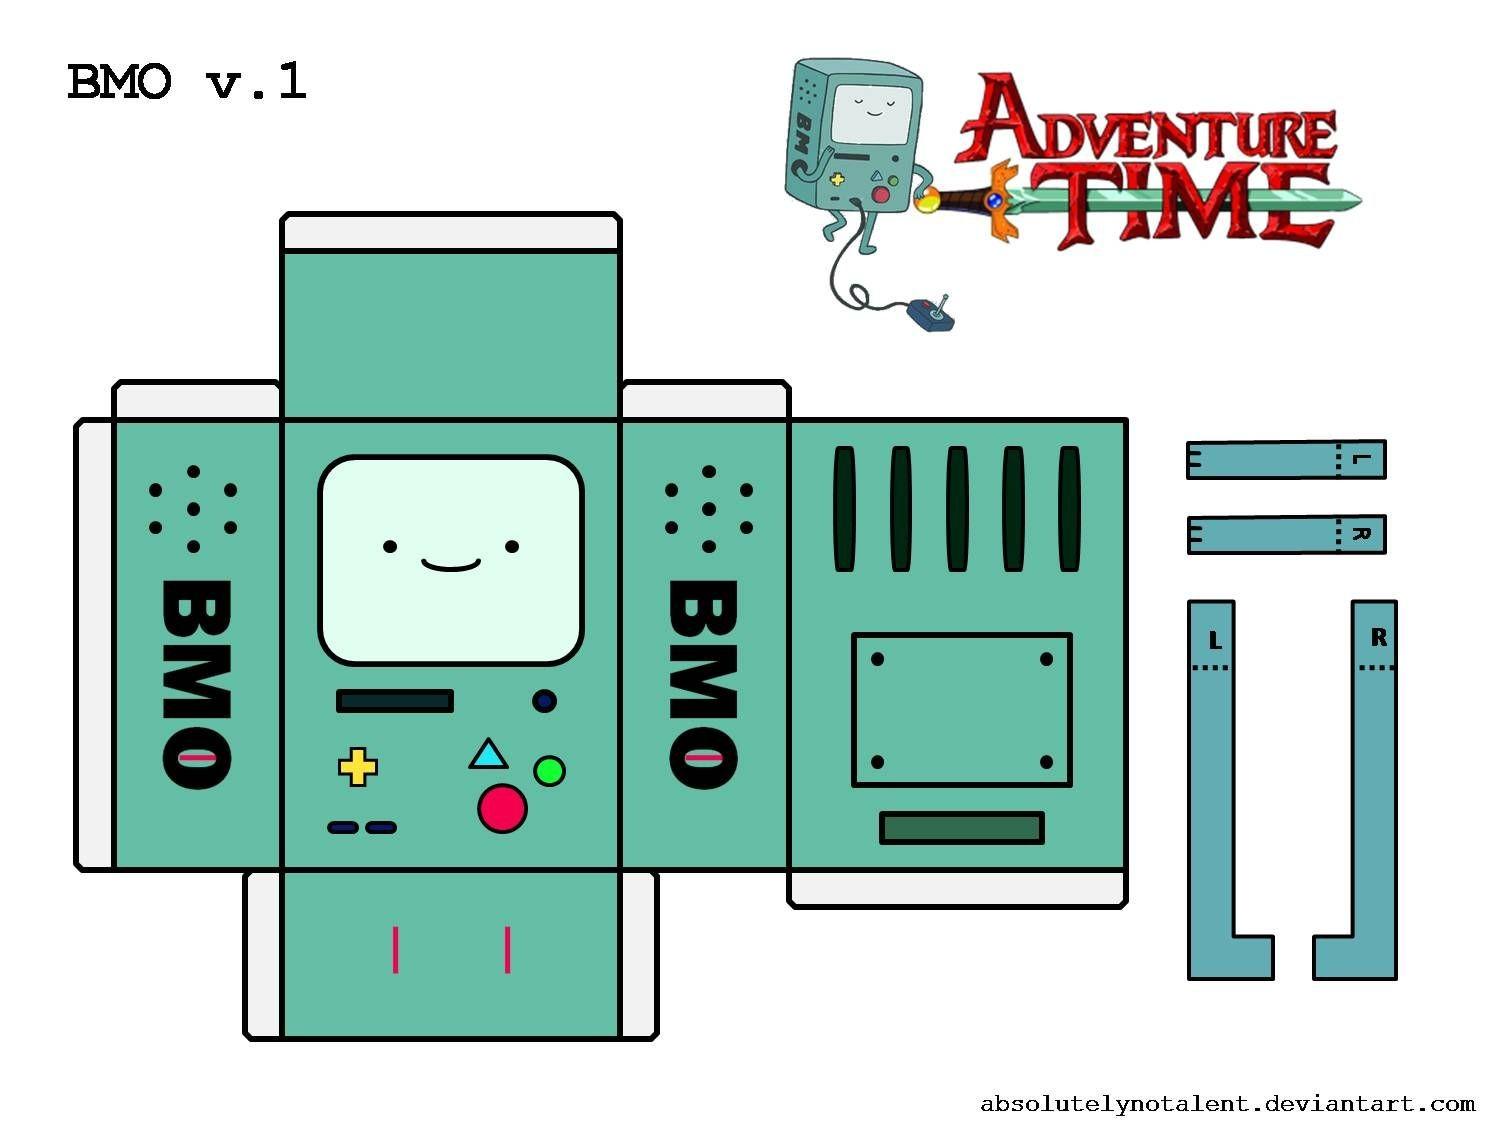 Tubbypaws Papercraft Bonecos 3d Hora De Aventura 2 Luti1 Pinterest